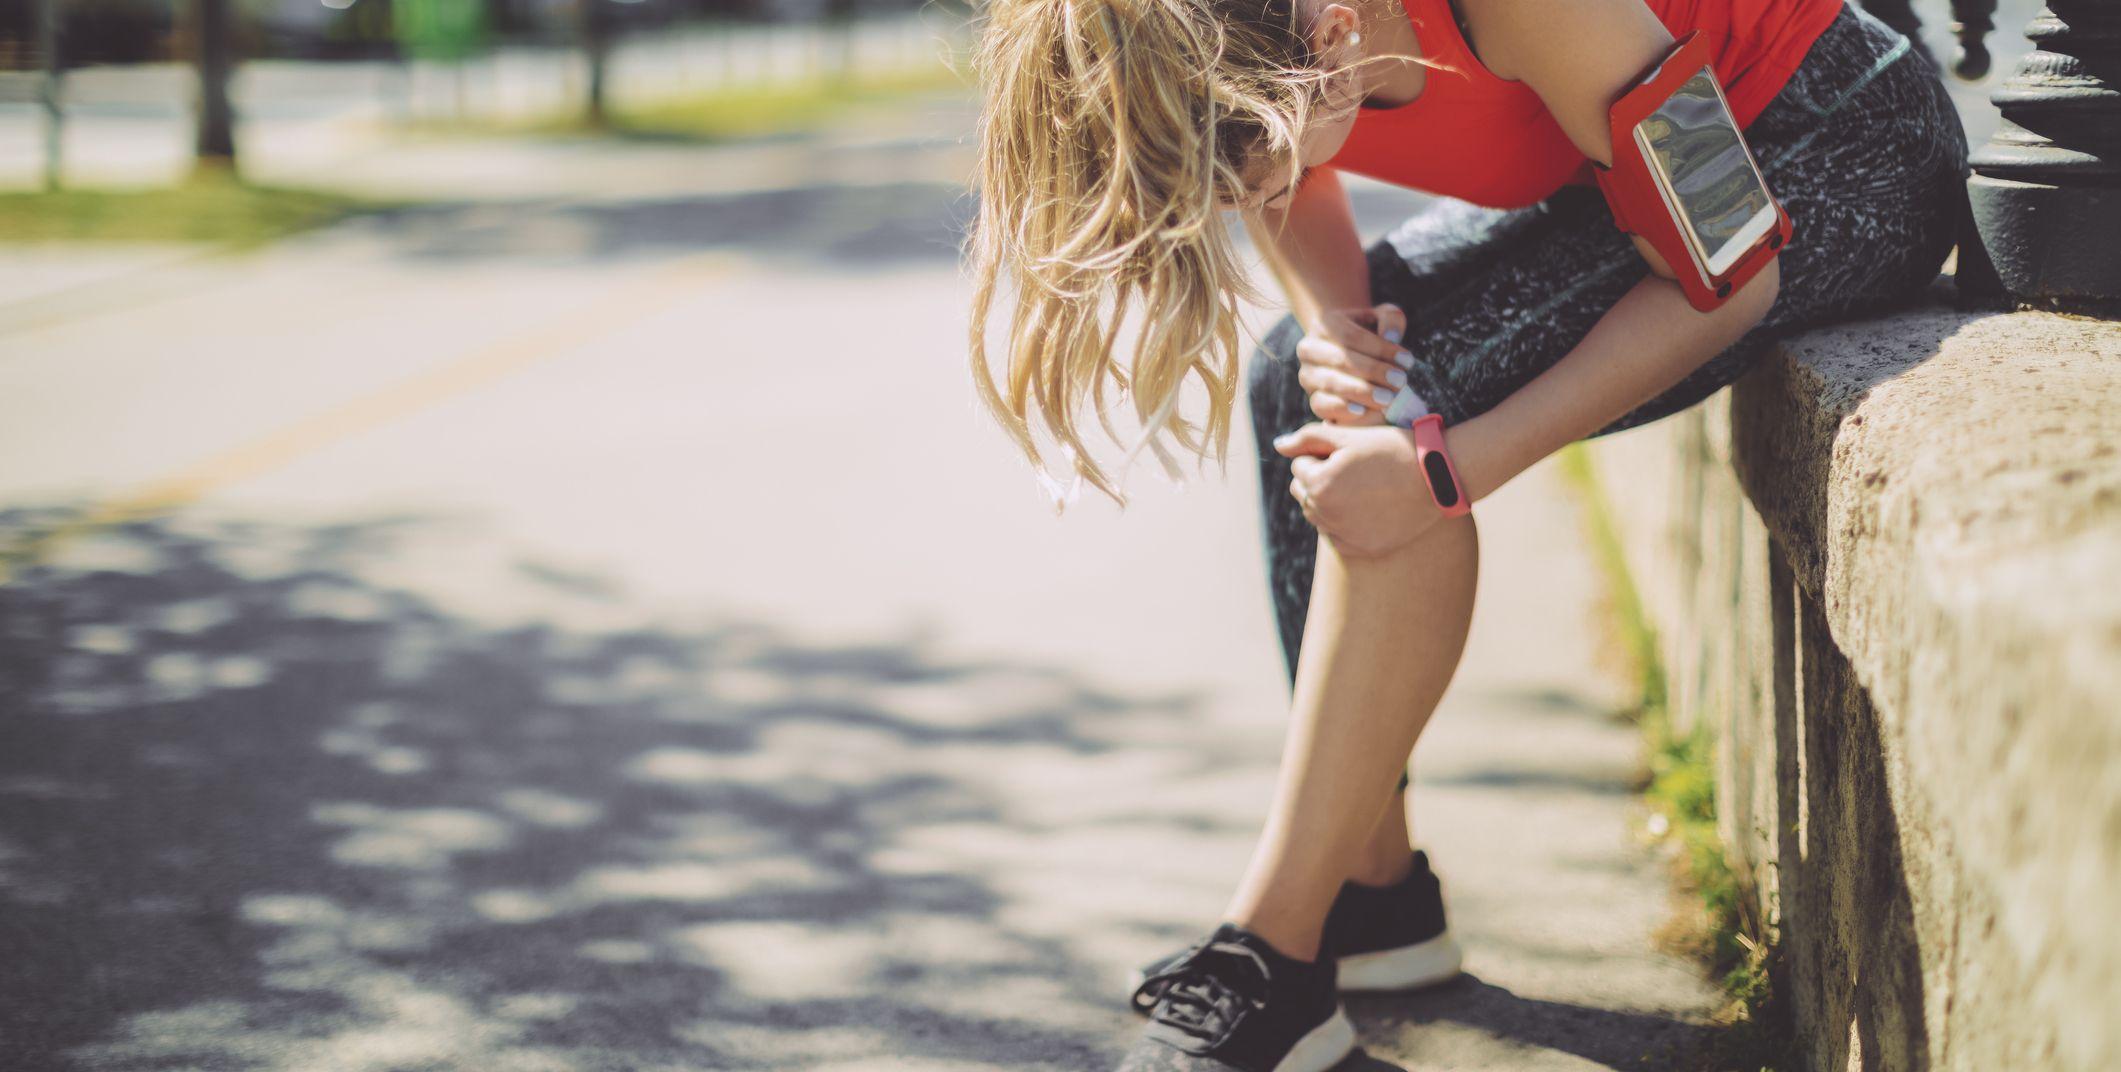 girl runner injured